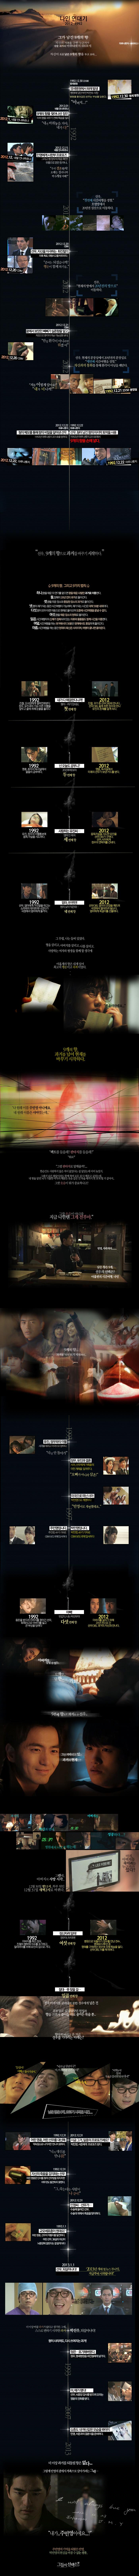 [韓劇] 나인: 아홉 번의 시간여행 (九回時間旅行) (2013) TO5TIZPMKZSXJU2L689Q